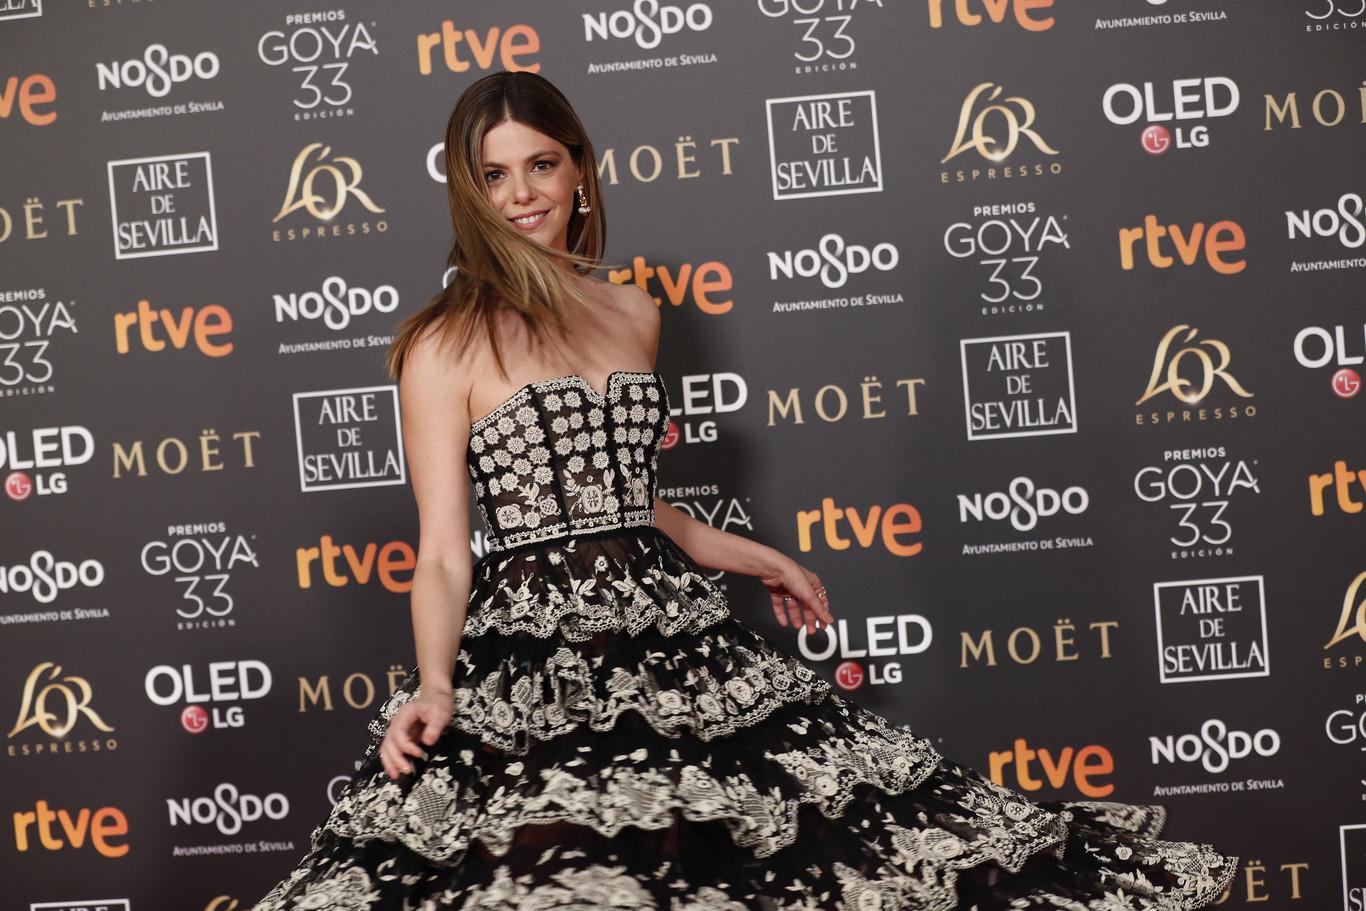 bdb5760e0 Premios Goya 2019  las mejores vestidas de la alfombra roja